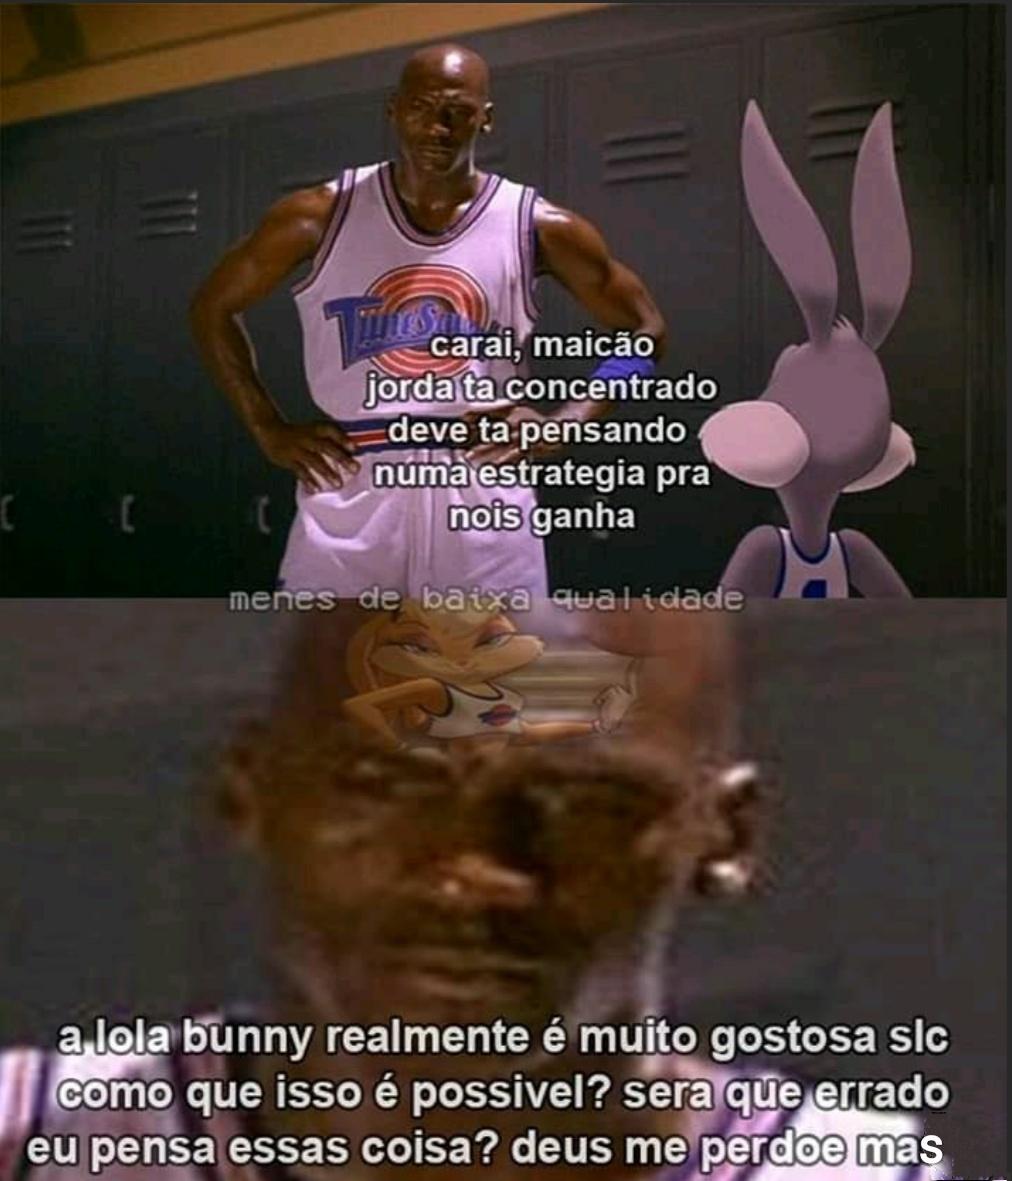 Lola bunny :D - meme